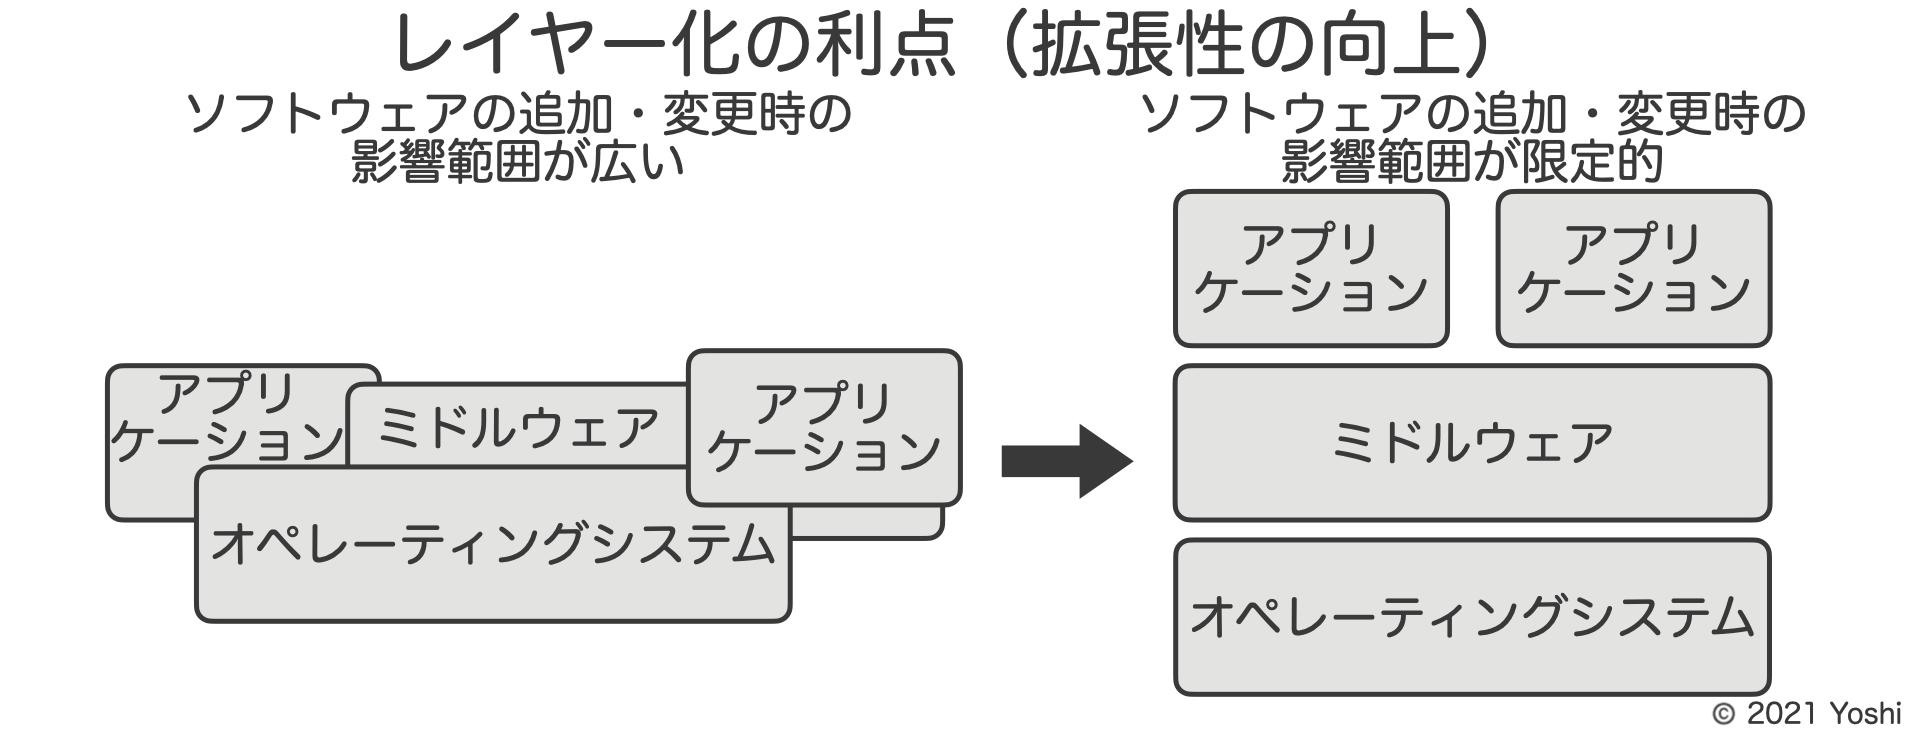 レイヤー化の利点(拡張性の向上)